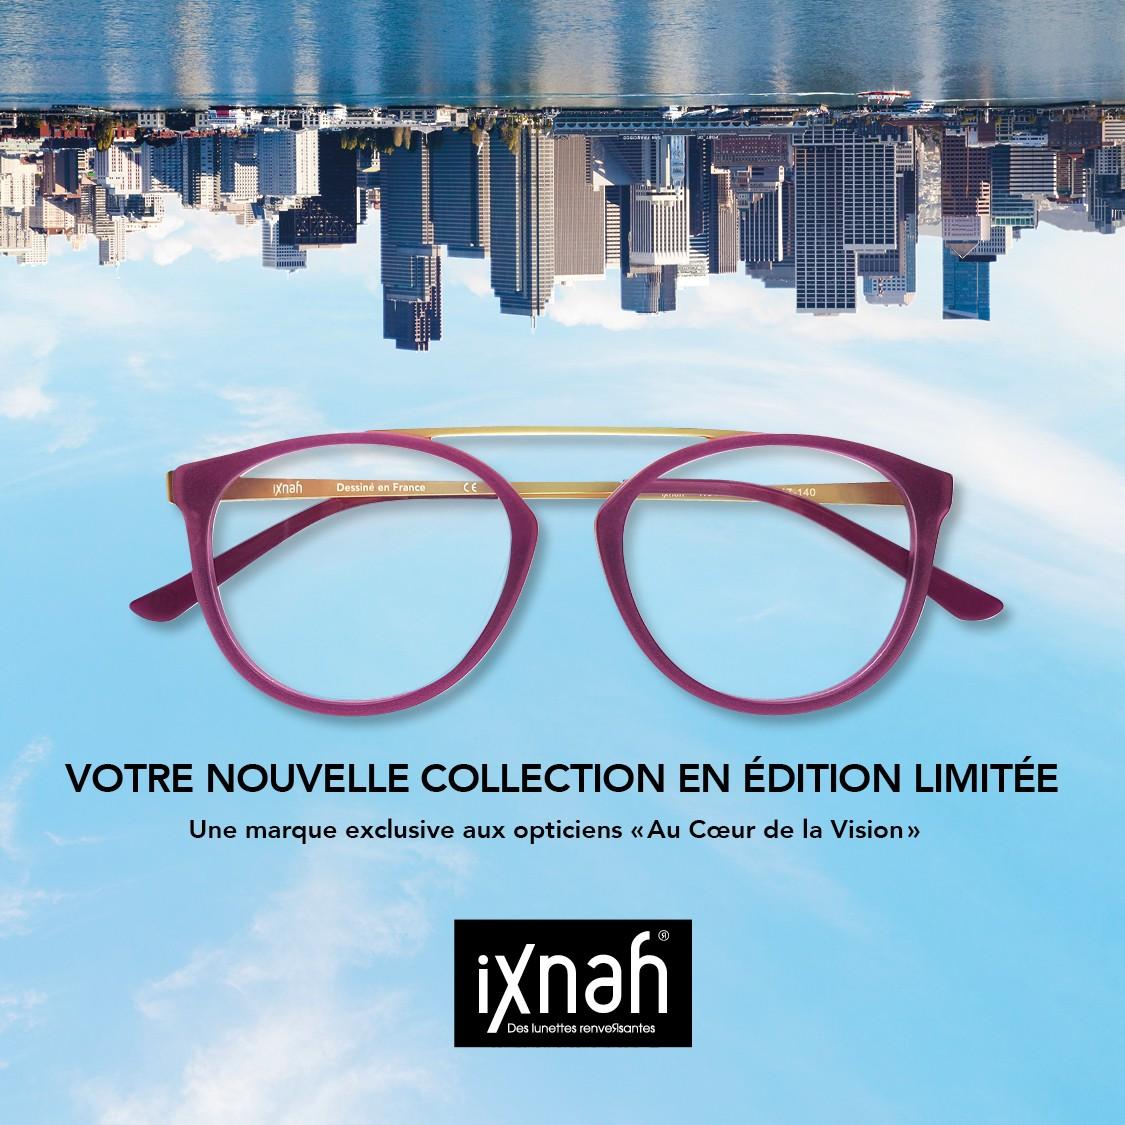 395fb0ab87 iXnah®,la marque de lunettes renveRsantes. Un nom et un look qui ne passent  pas inaperçu !